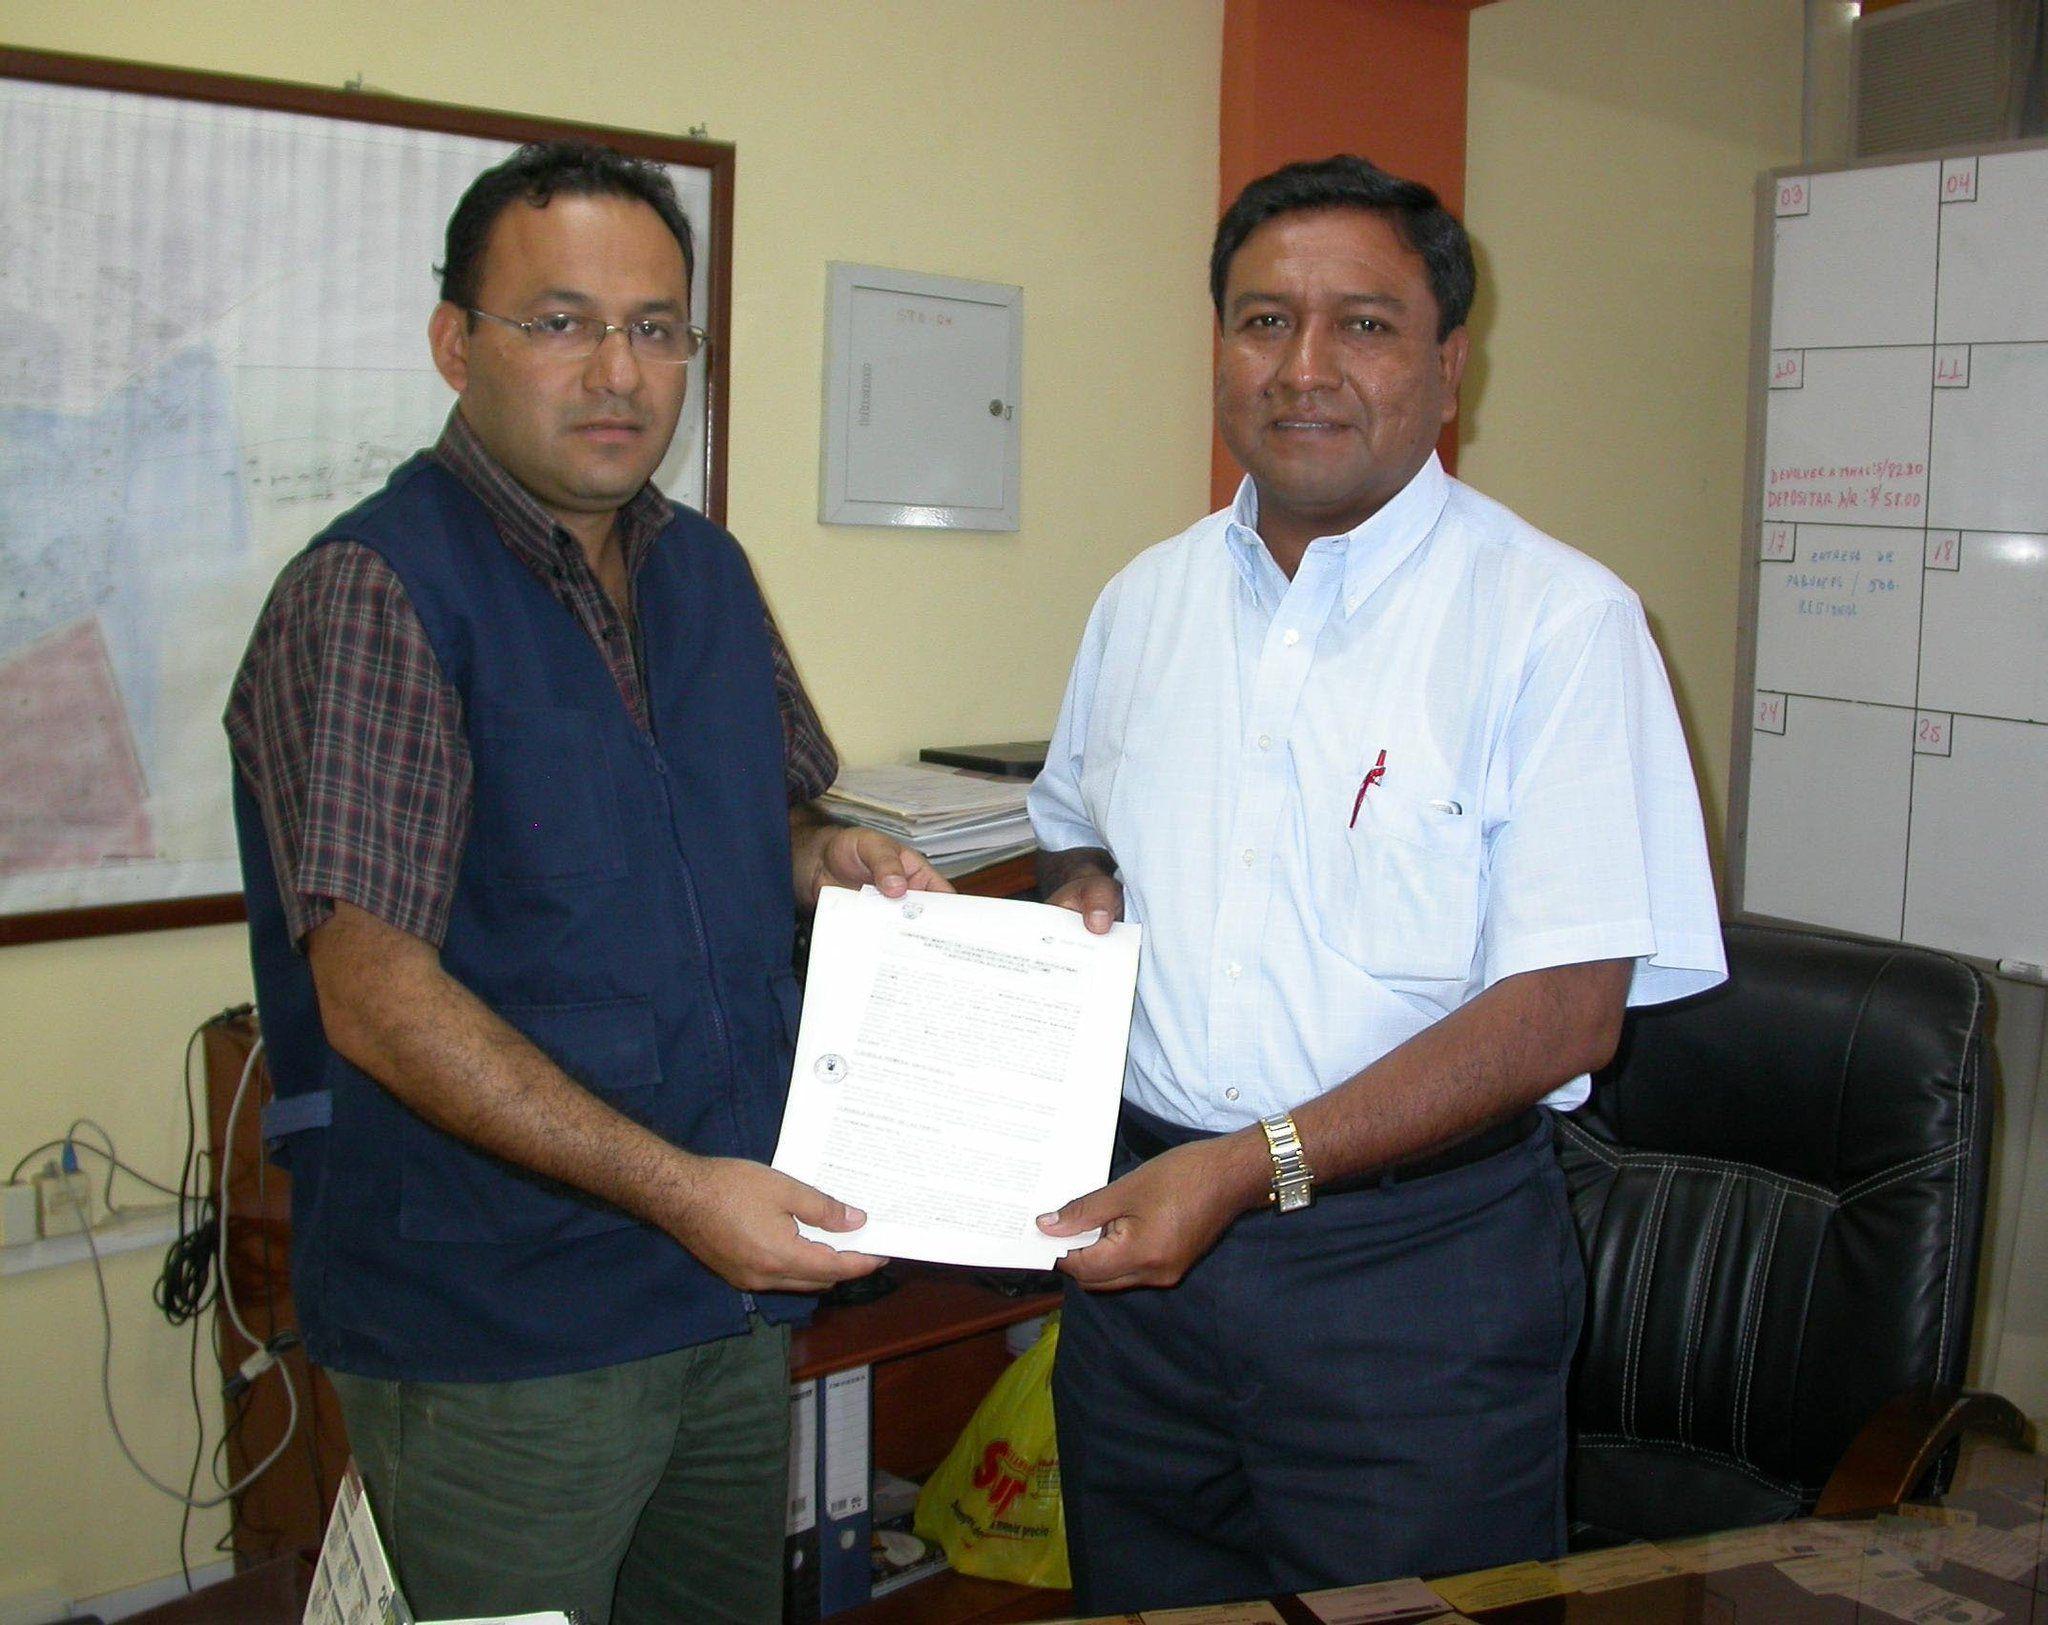 El alcalde distrital de Túcume, Carlos Otto Santamaría Baldera y el jefe regional de Solaris en Lambayeque, José Campos Bravo, firman convenio de cooperación en beneficio de la población.